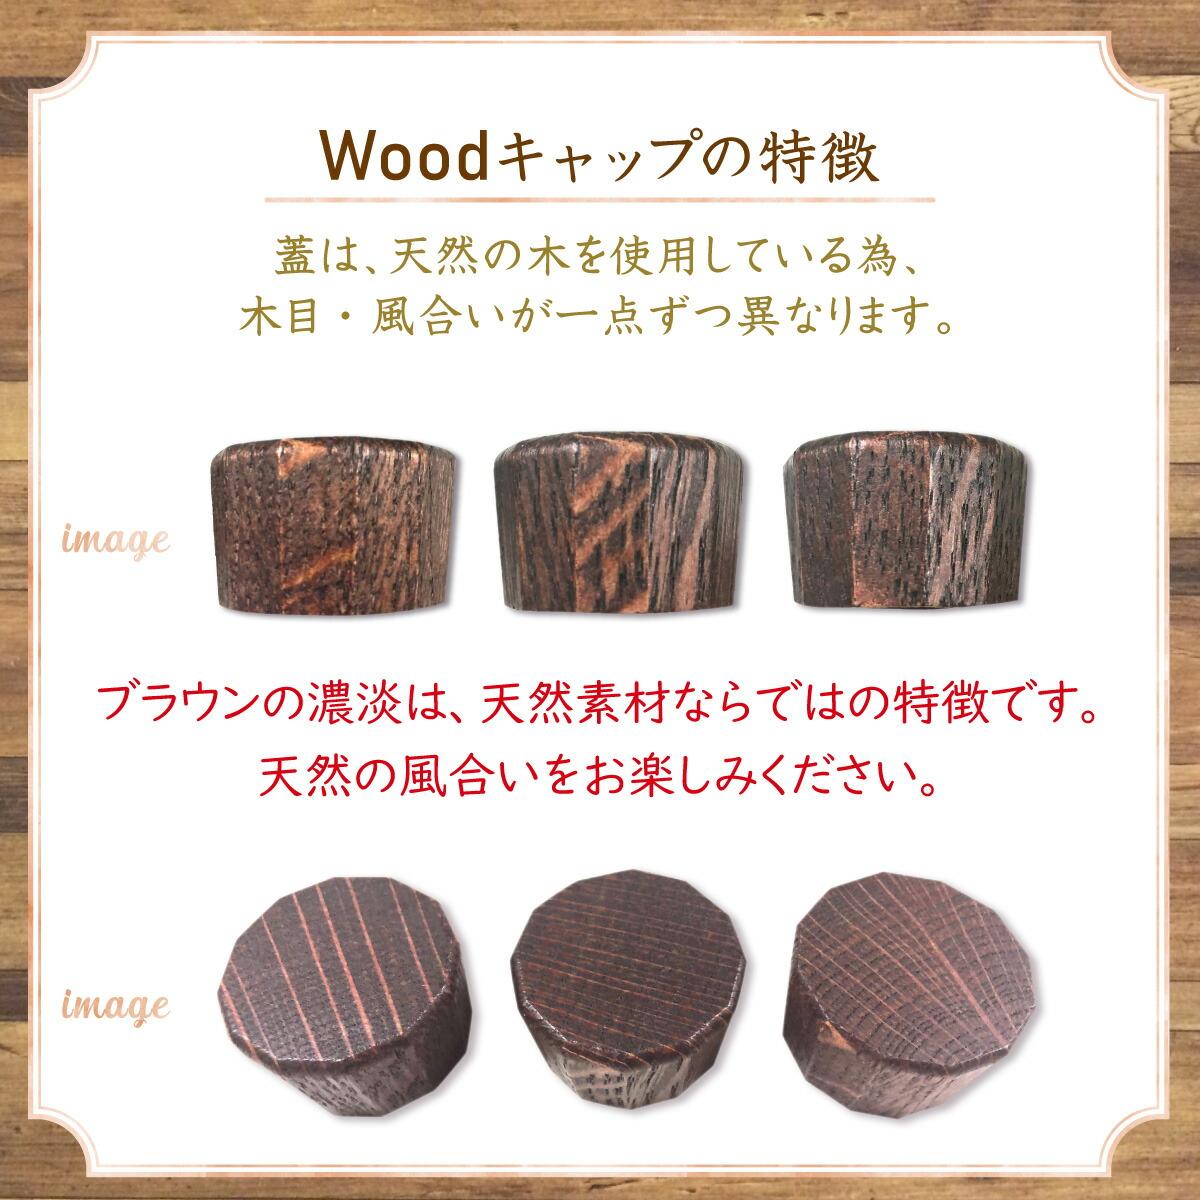 ウッドキャップ(木製)の特徴。蓋は天然の木を使用しているため、木目や風合いが一点ずつ異なります。ブラウンの濃淡は天然素材ならではの特徴です。天然の風合いをお楽しみください。